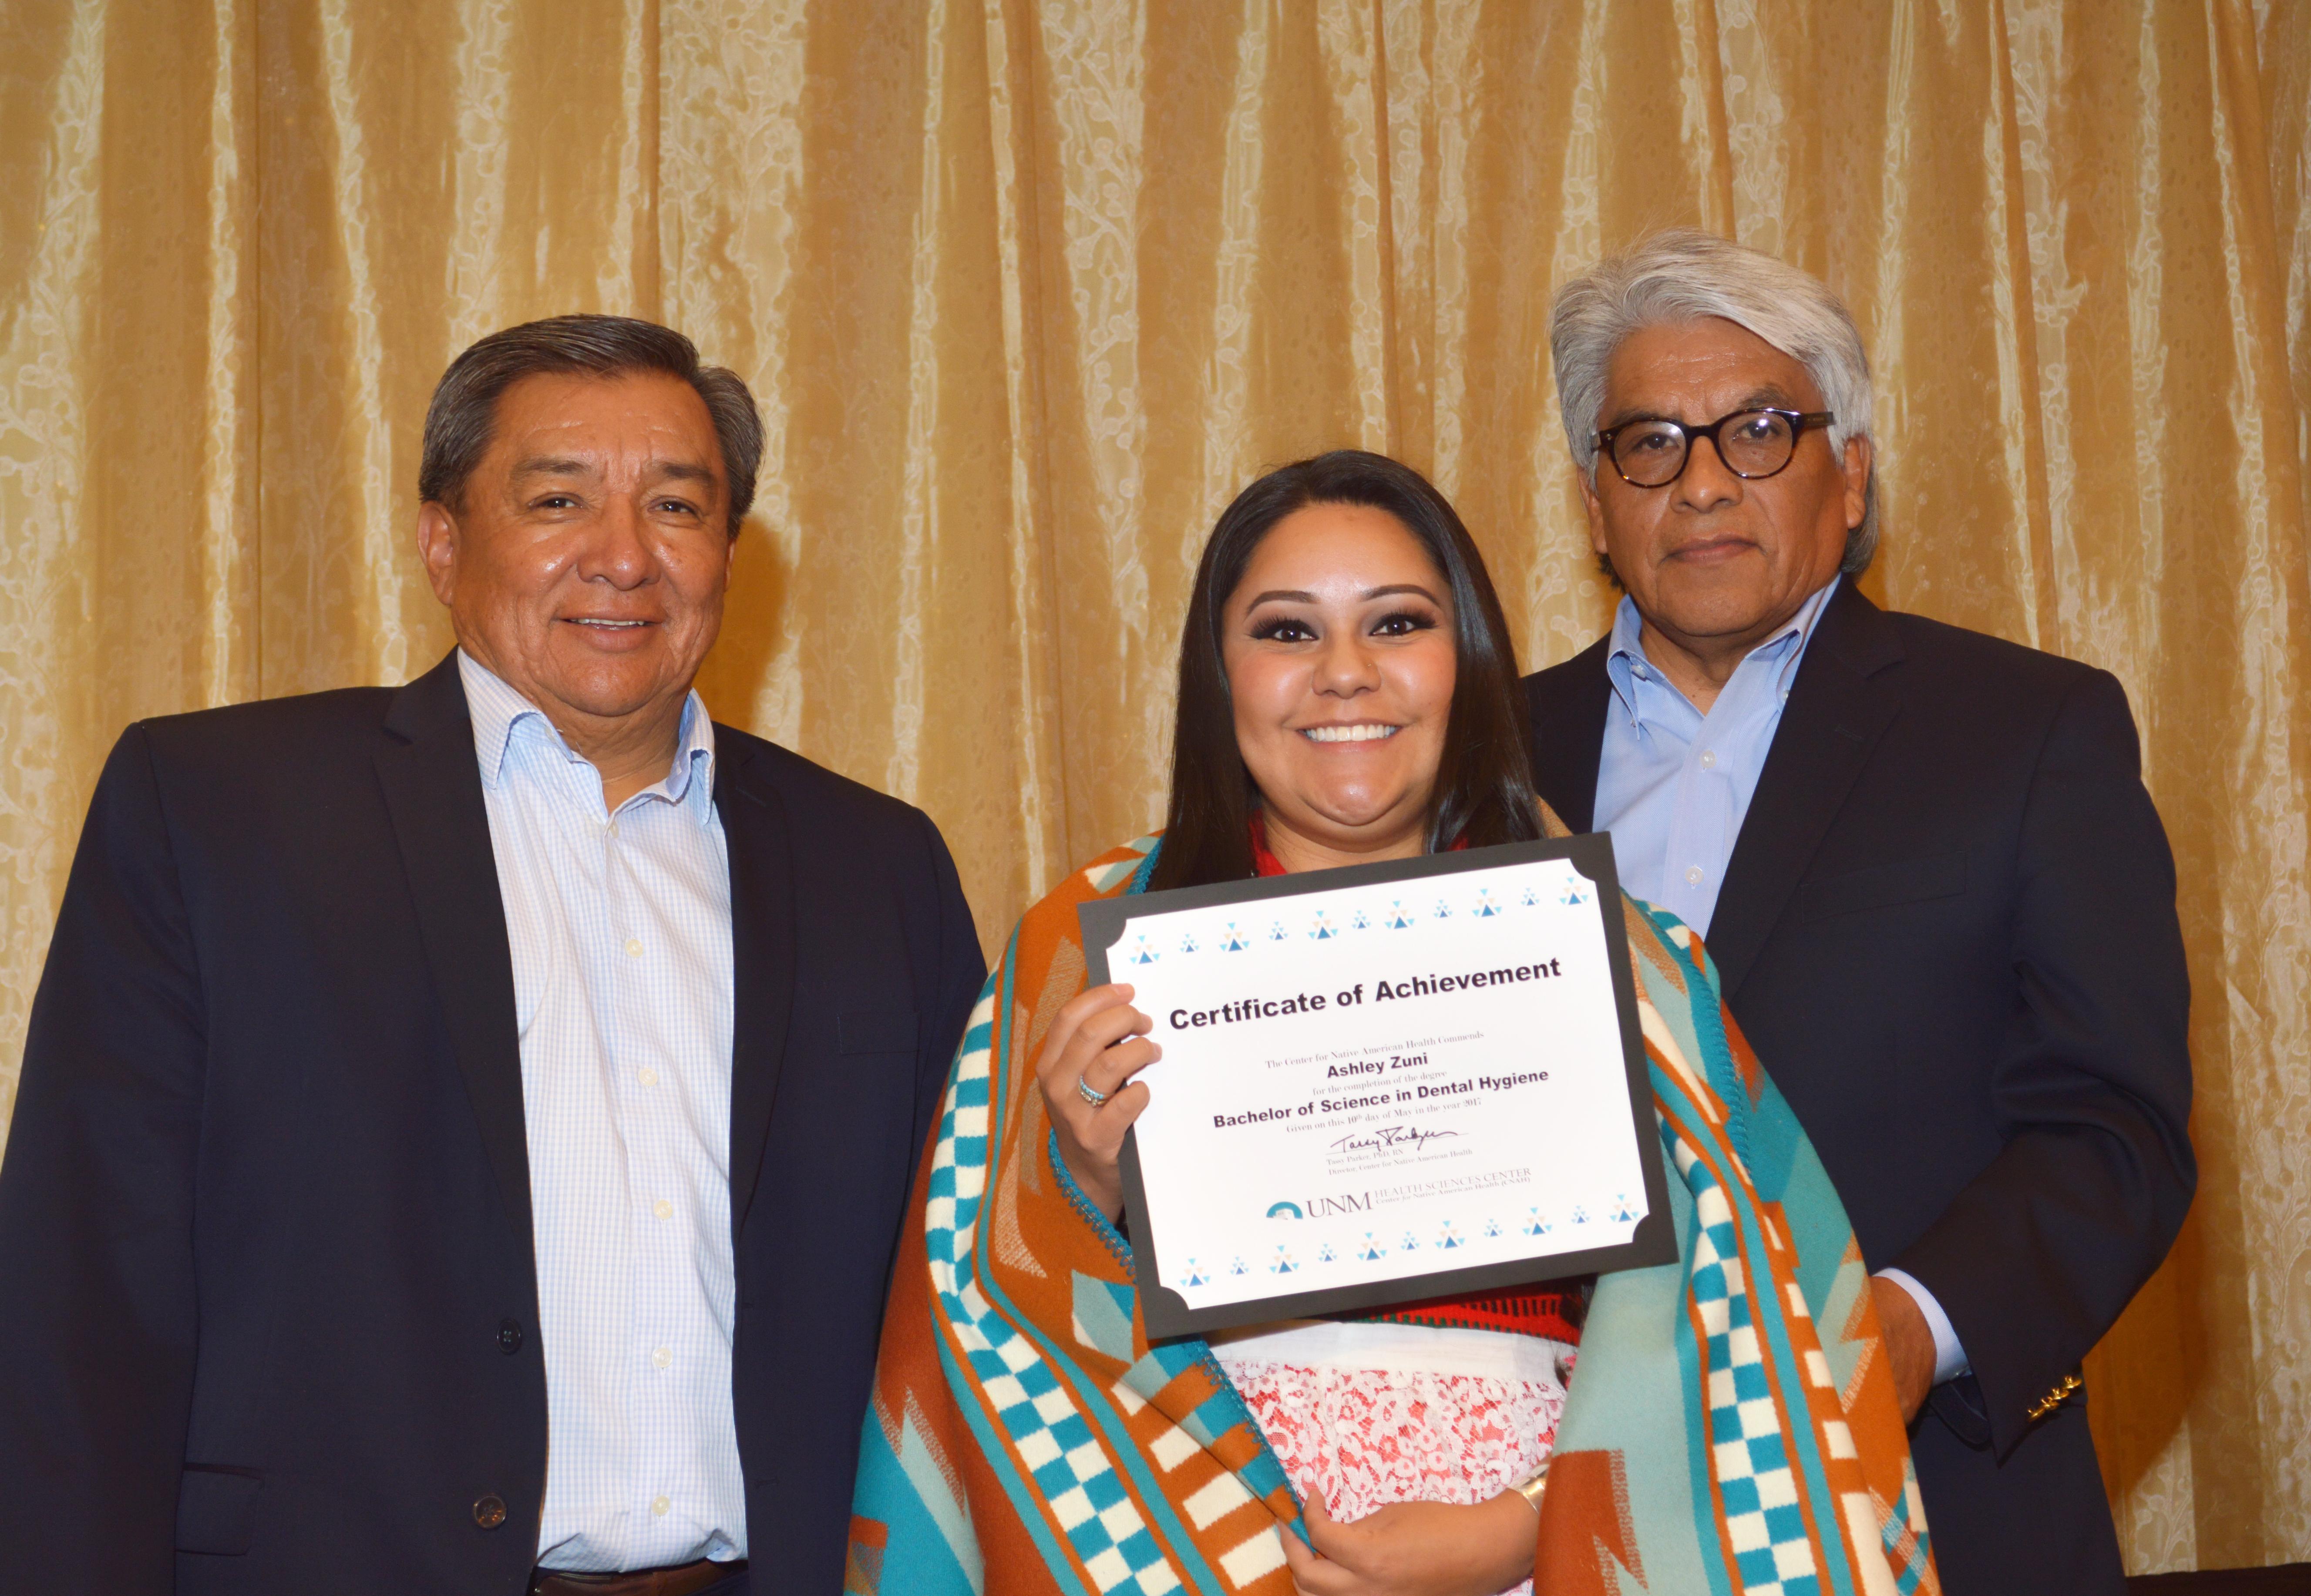 Ashley con certificado.